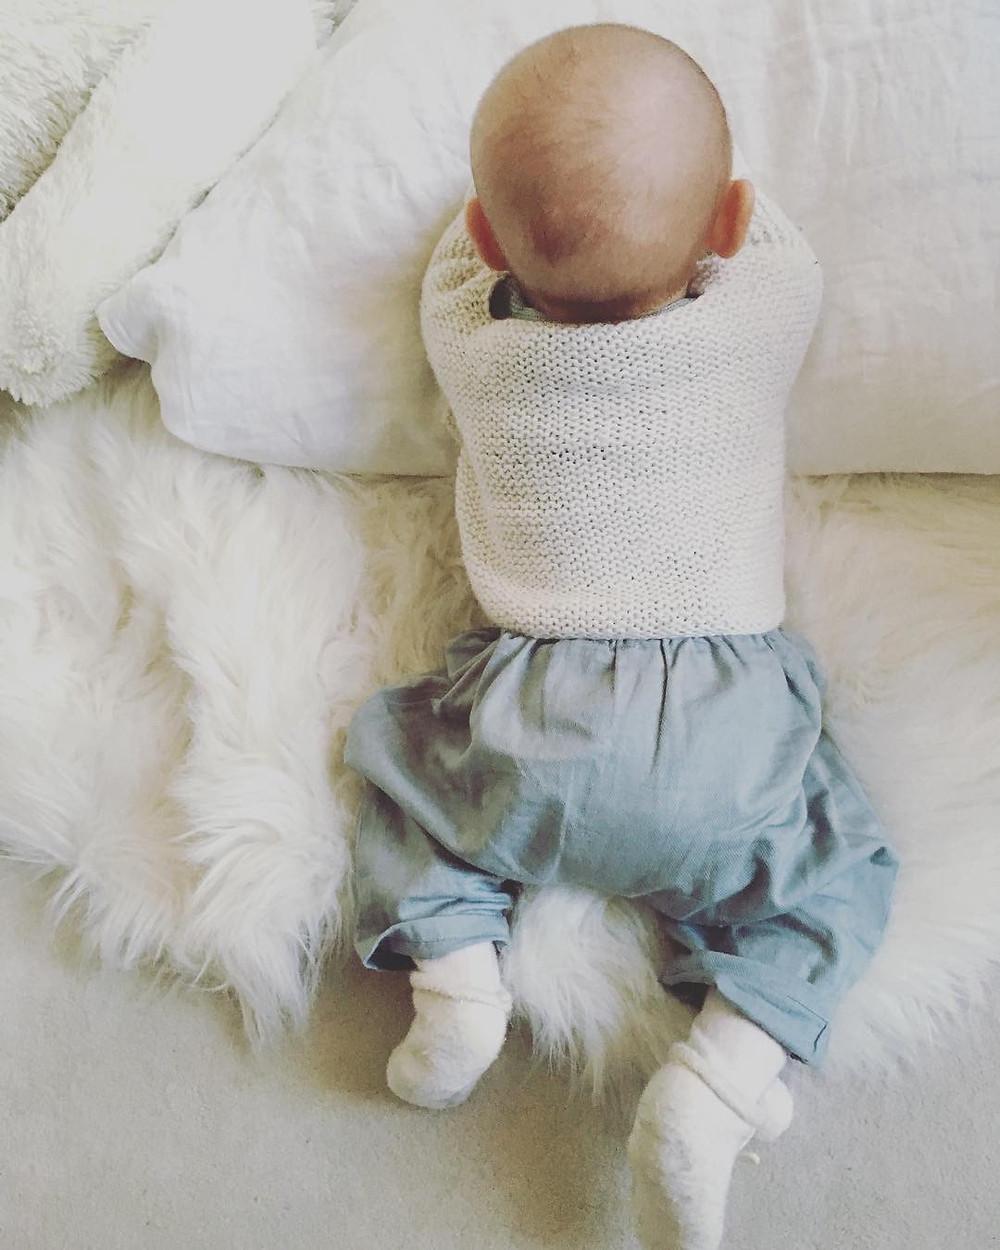 La plagiocéphalie ou tête plate du nouveau né, intérêt de l'ostéopathie